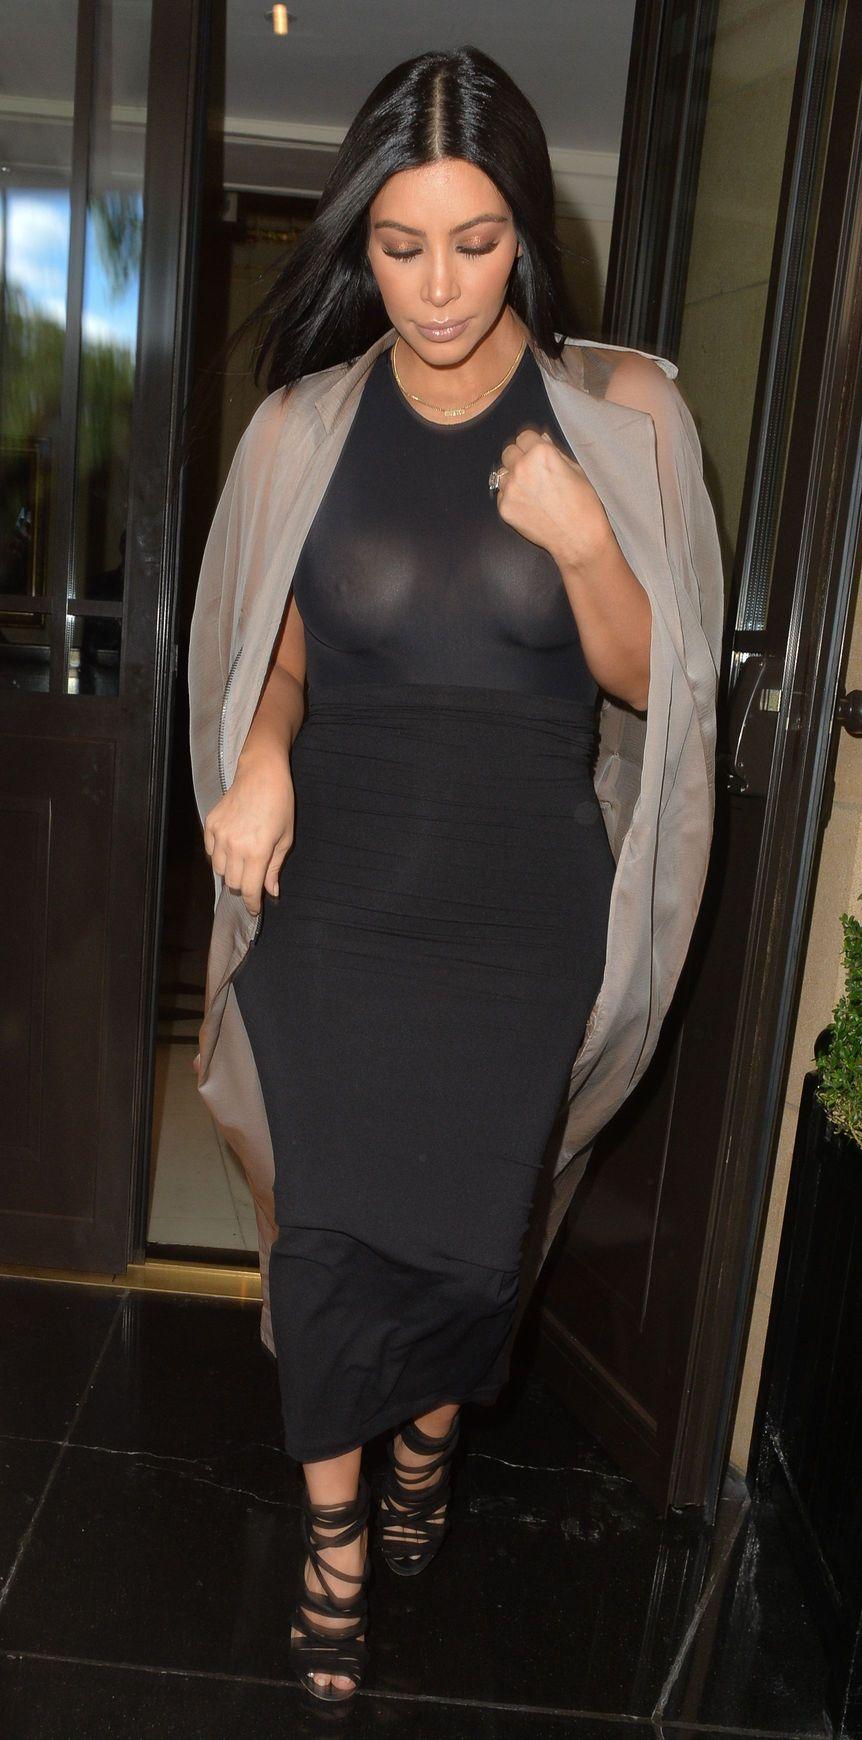 Kim Kardashian See Through (21 Photos)